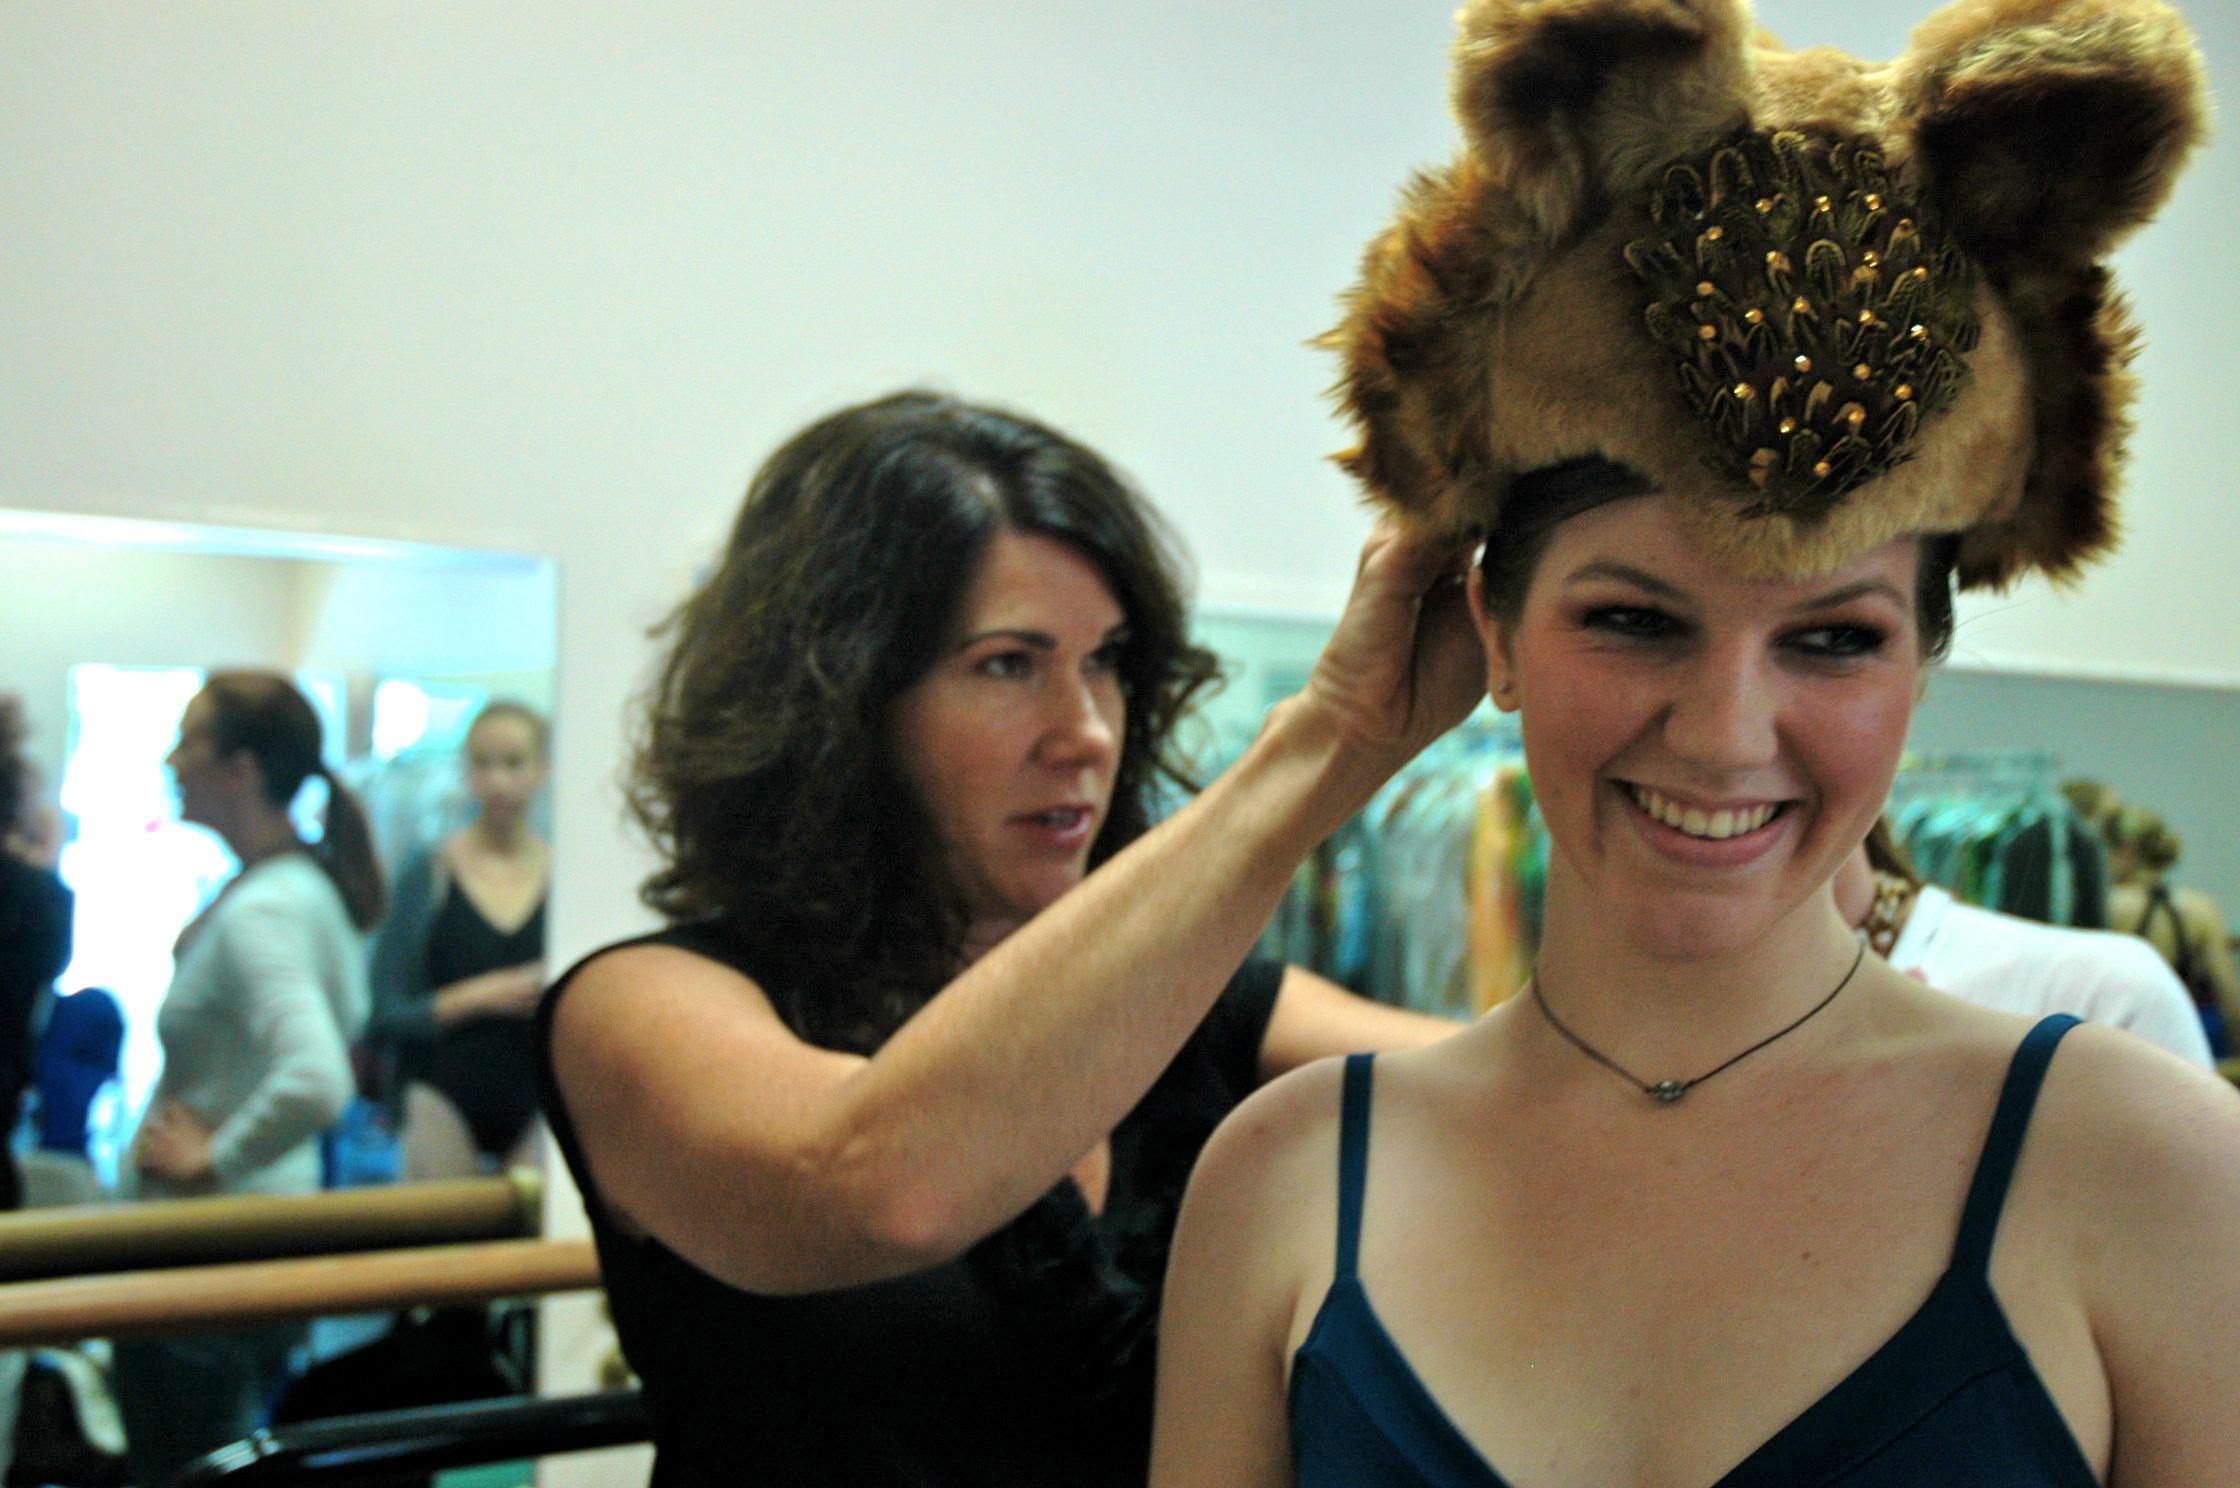 Lisa fitting headpiece.jpg